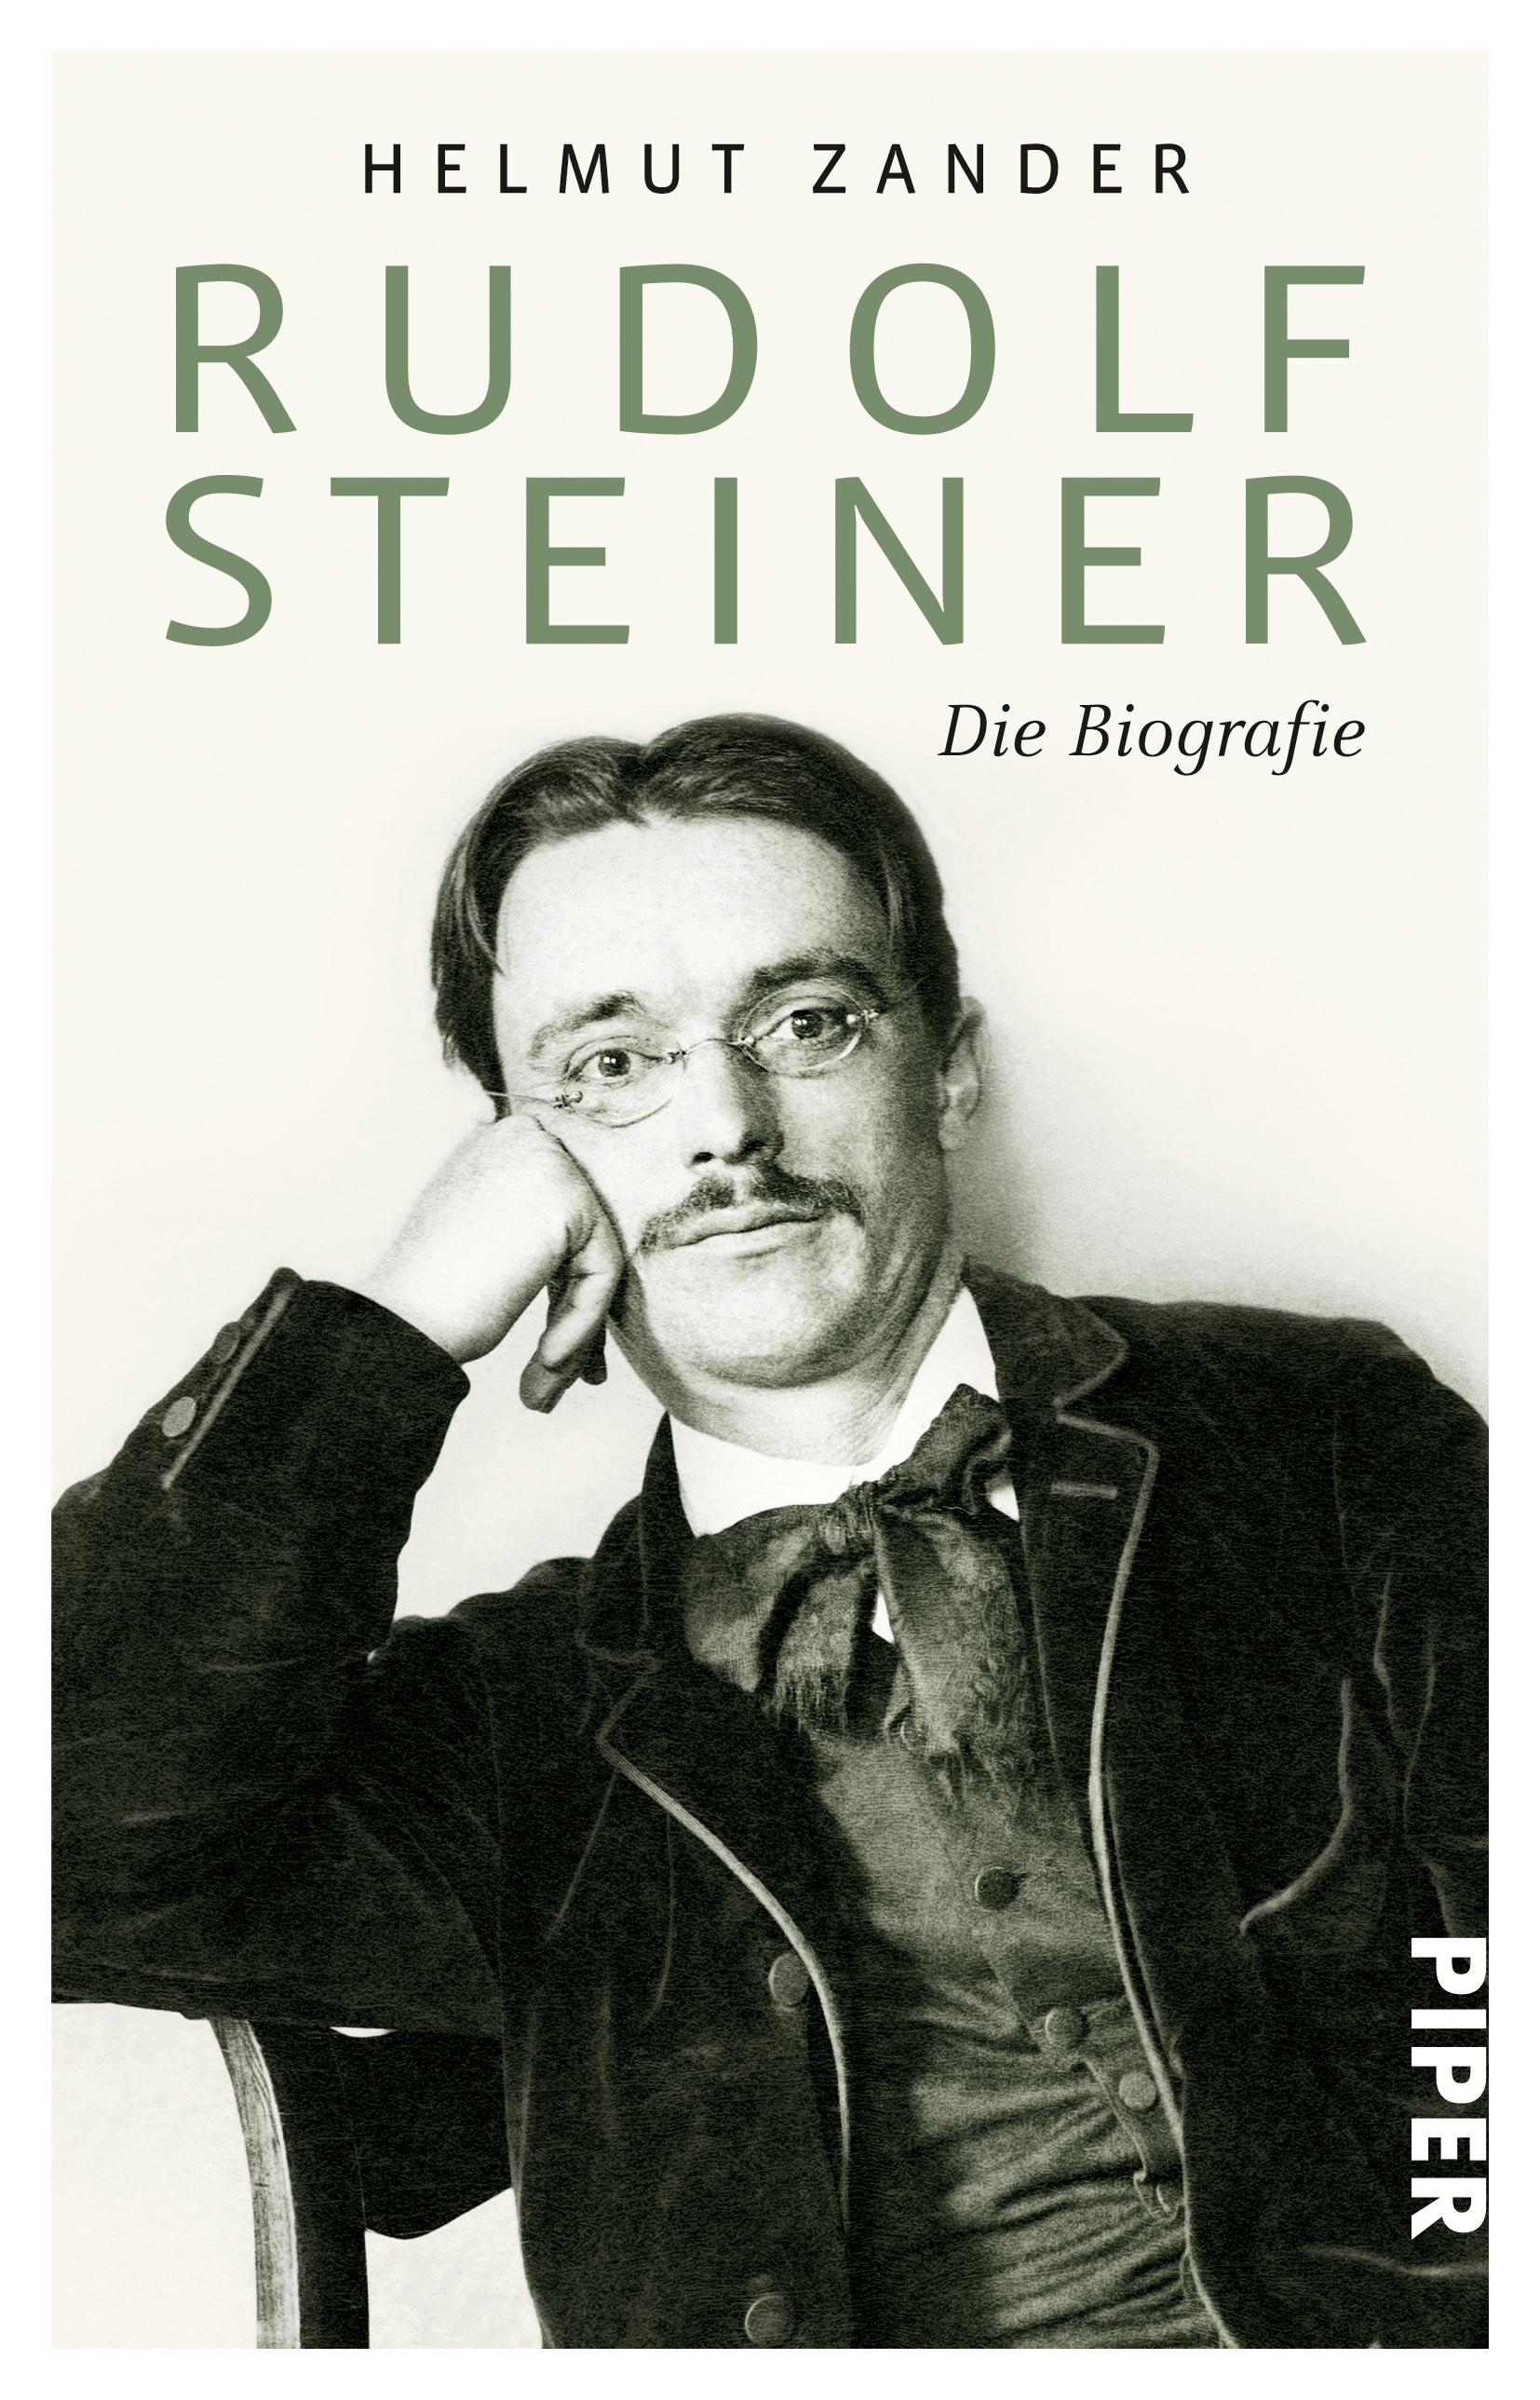 Rudolf Steiner Von Helmut Zander